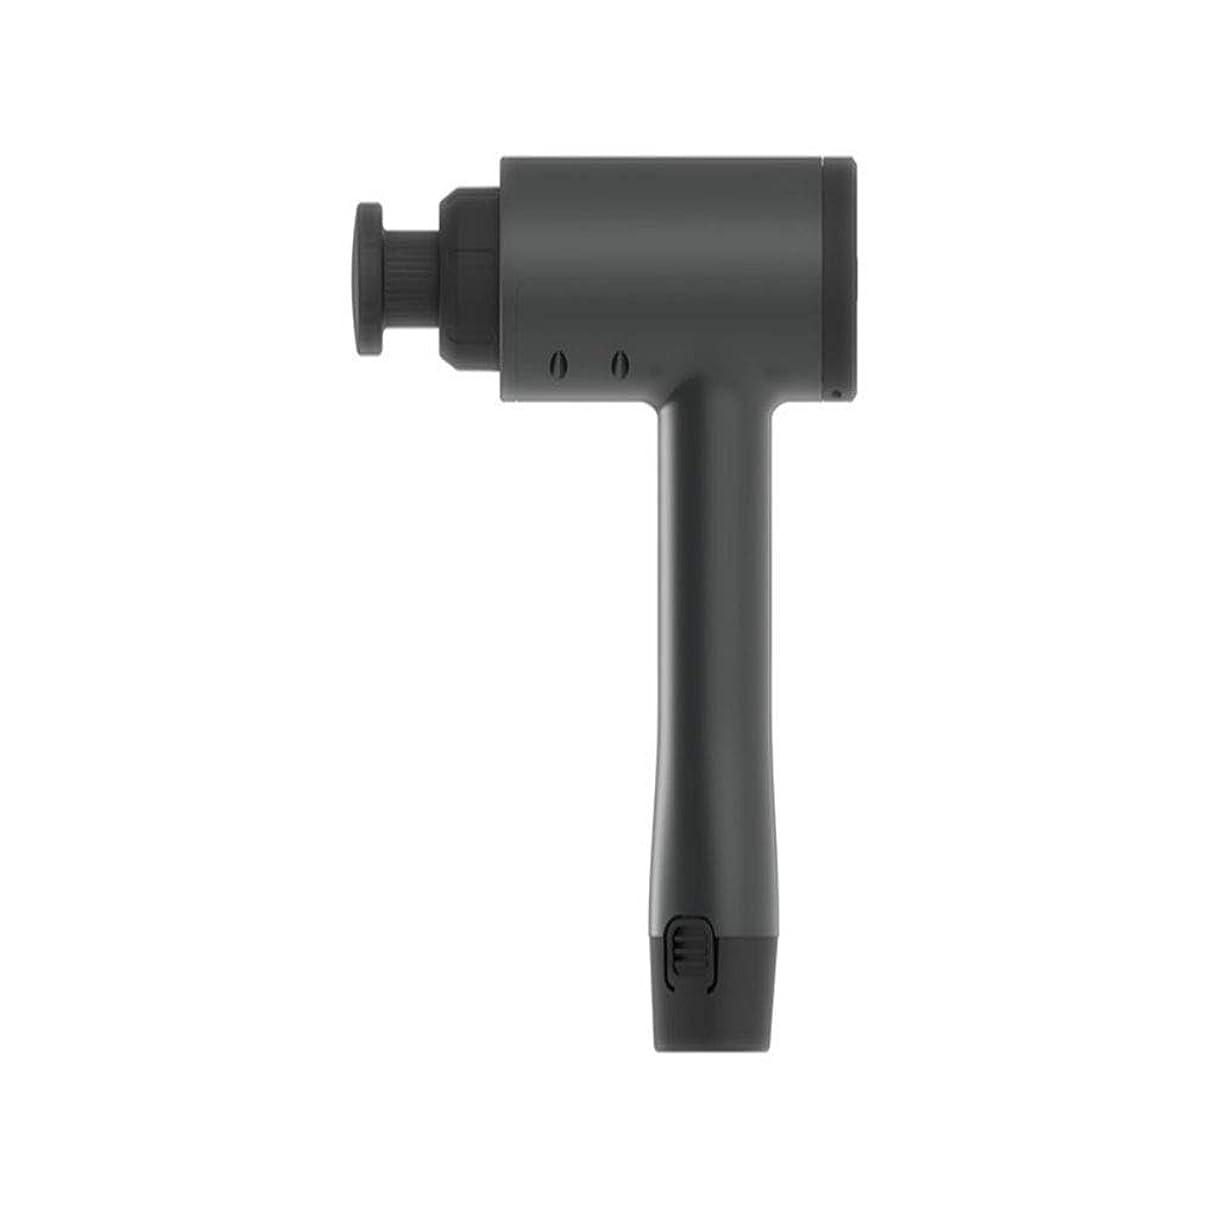 ソーダ水に話すデジタルポータブル 筋肉痛および剛性の交換可能なマッサージャーの頭部のための充満手持ち型の深い筋肉の筋膜のマッサージ銃 インテリジェント